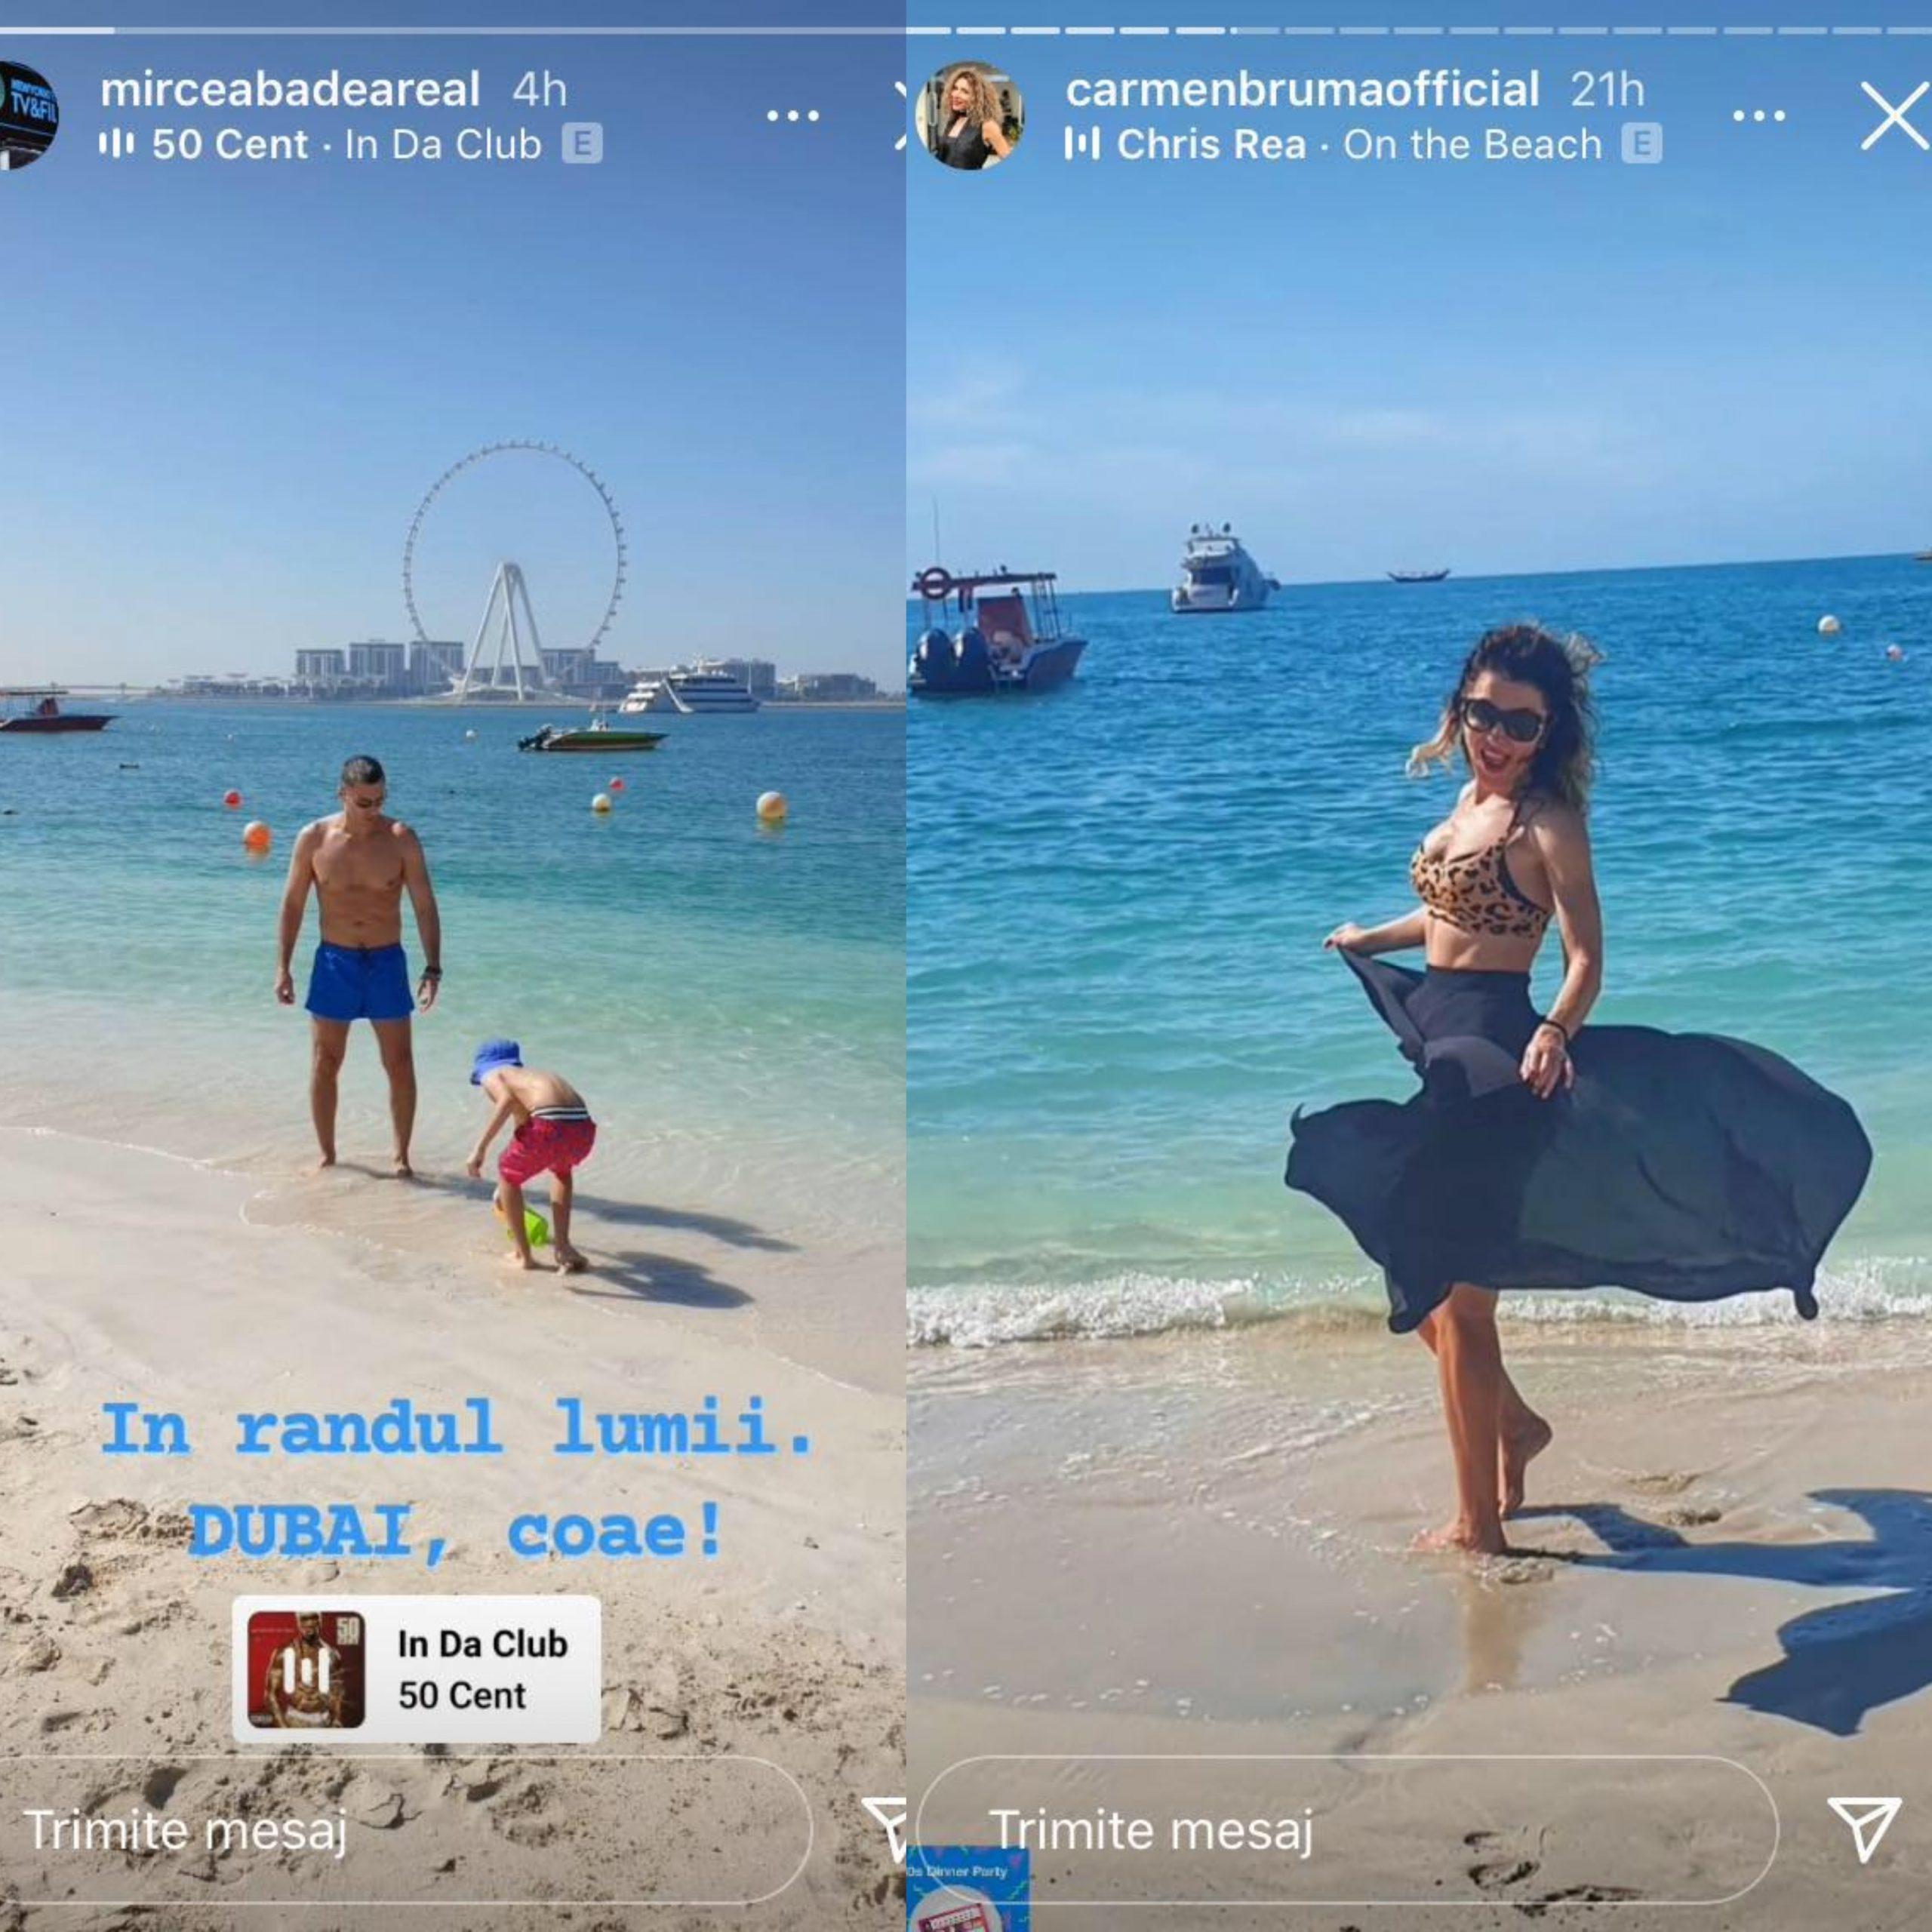 Mircea Badea și Carmen Brumă au plecat în vacanță, în Dubai